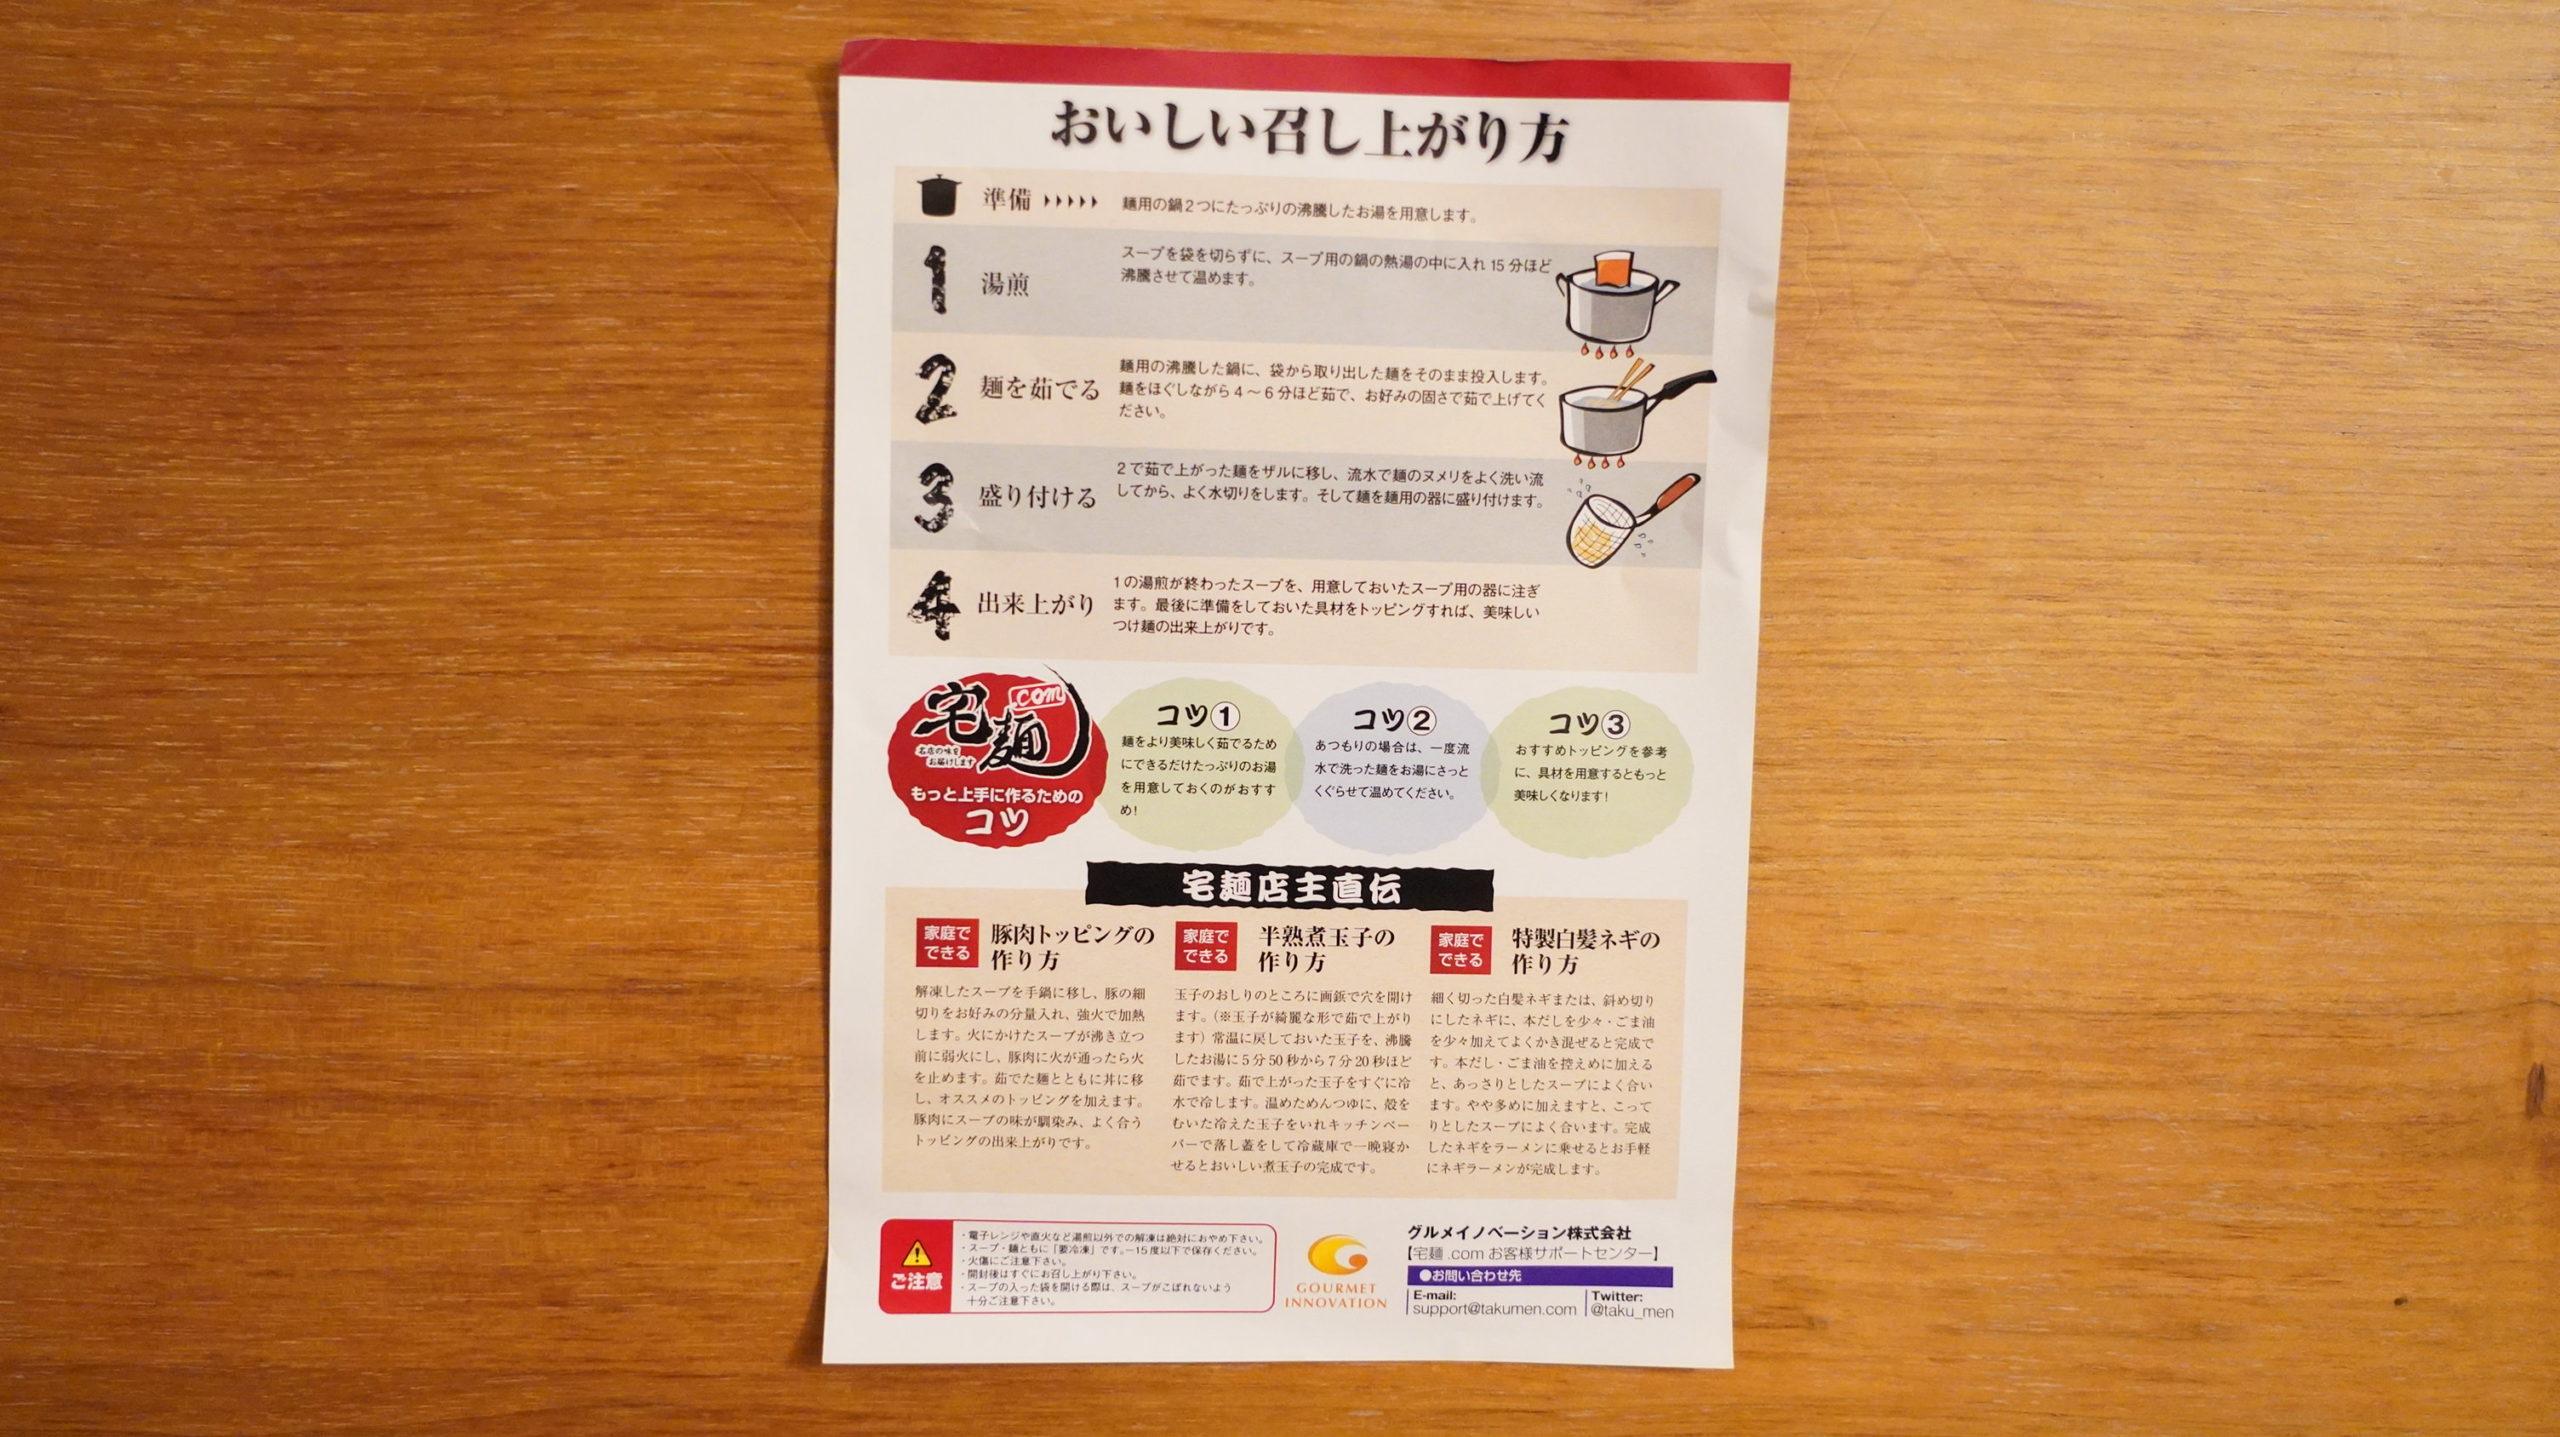 「ラーメンにっこう」のお取り寄せオンライン通販「柚子白湯つけ麺」の作り方の説明書の写真